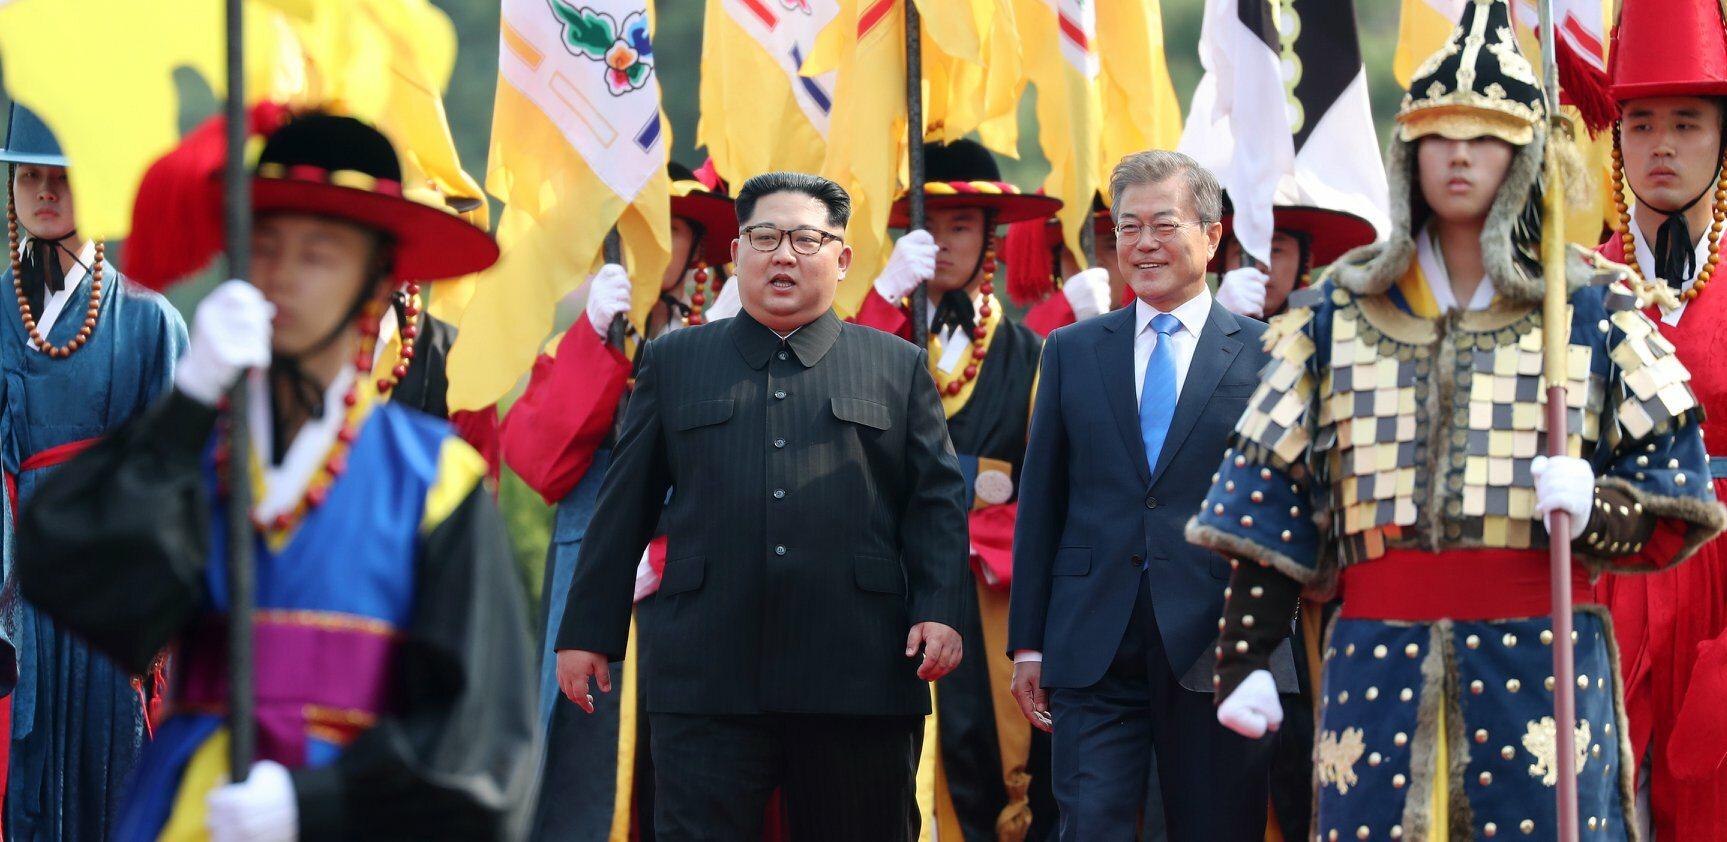 Spotkanie przywódców Korei Północnej i Południowej